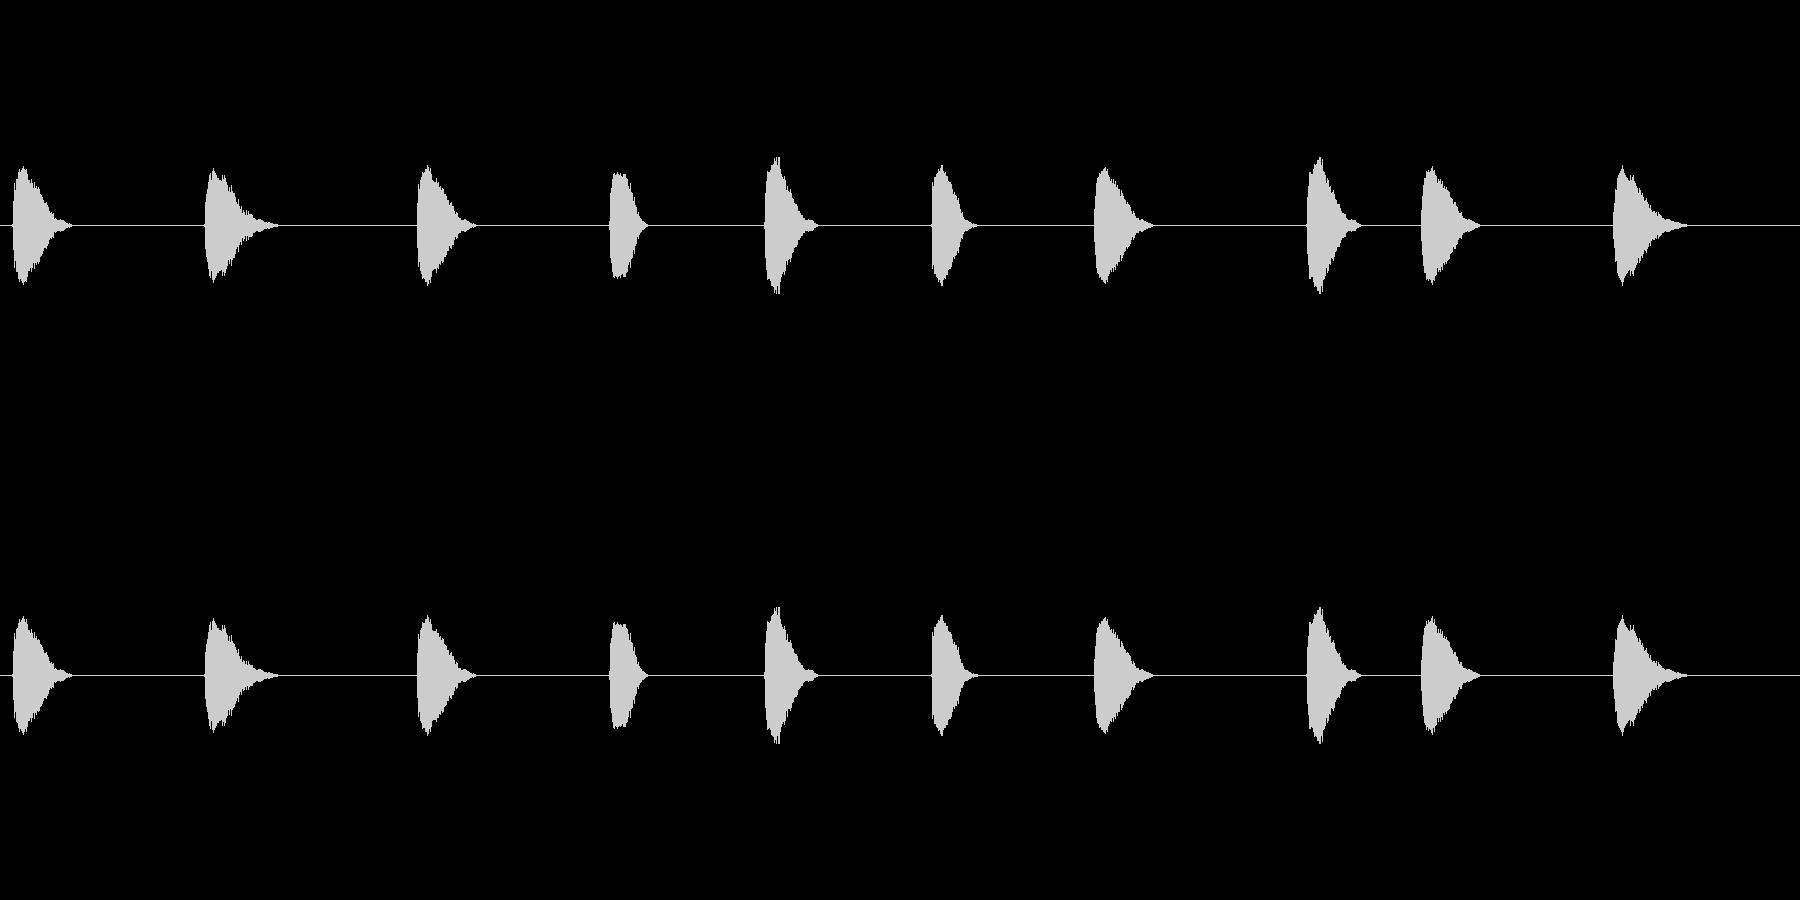 【カラス 合成01-4】の未再生の波形